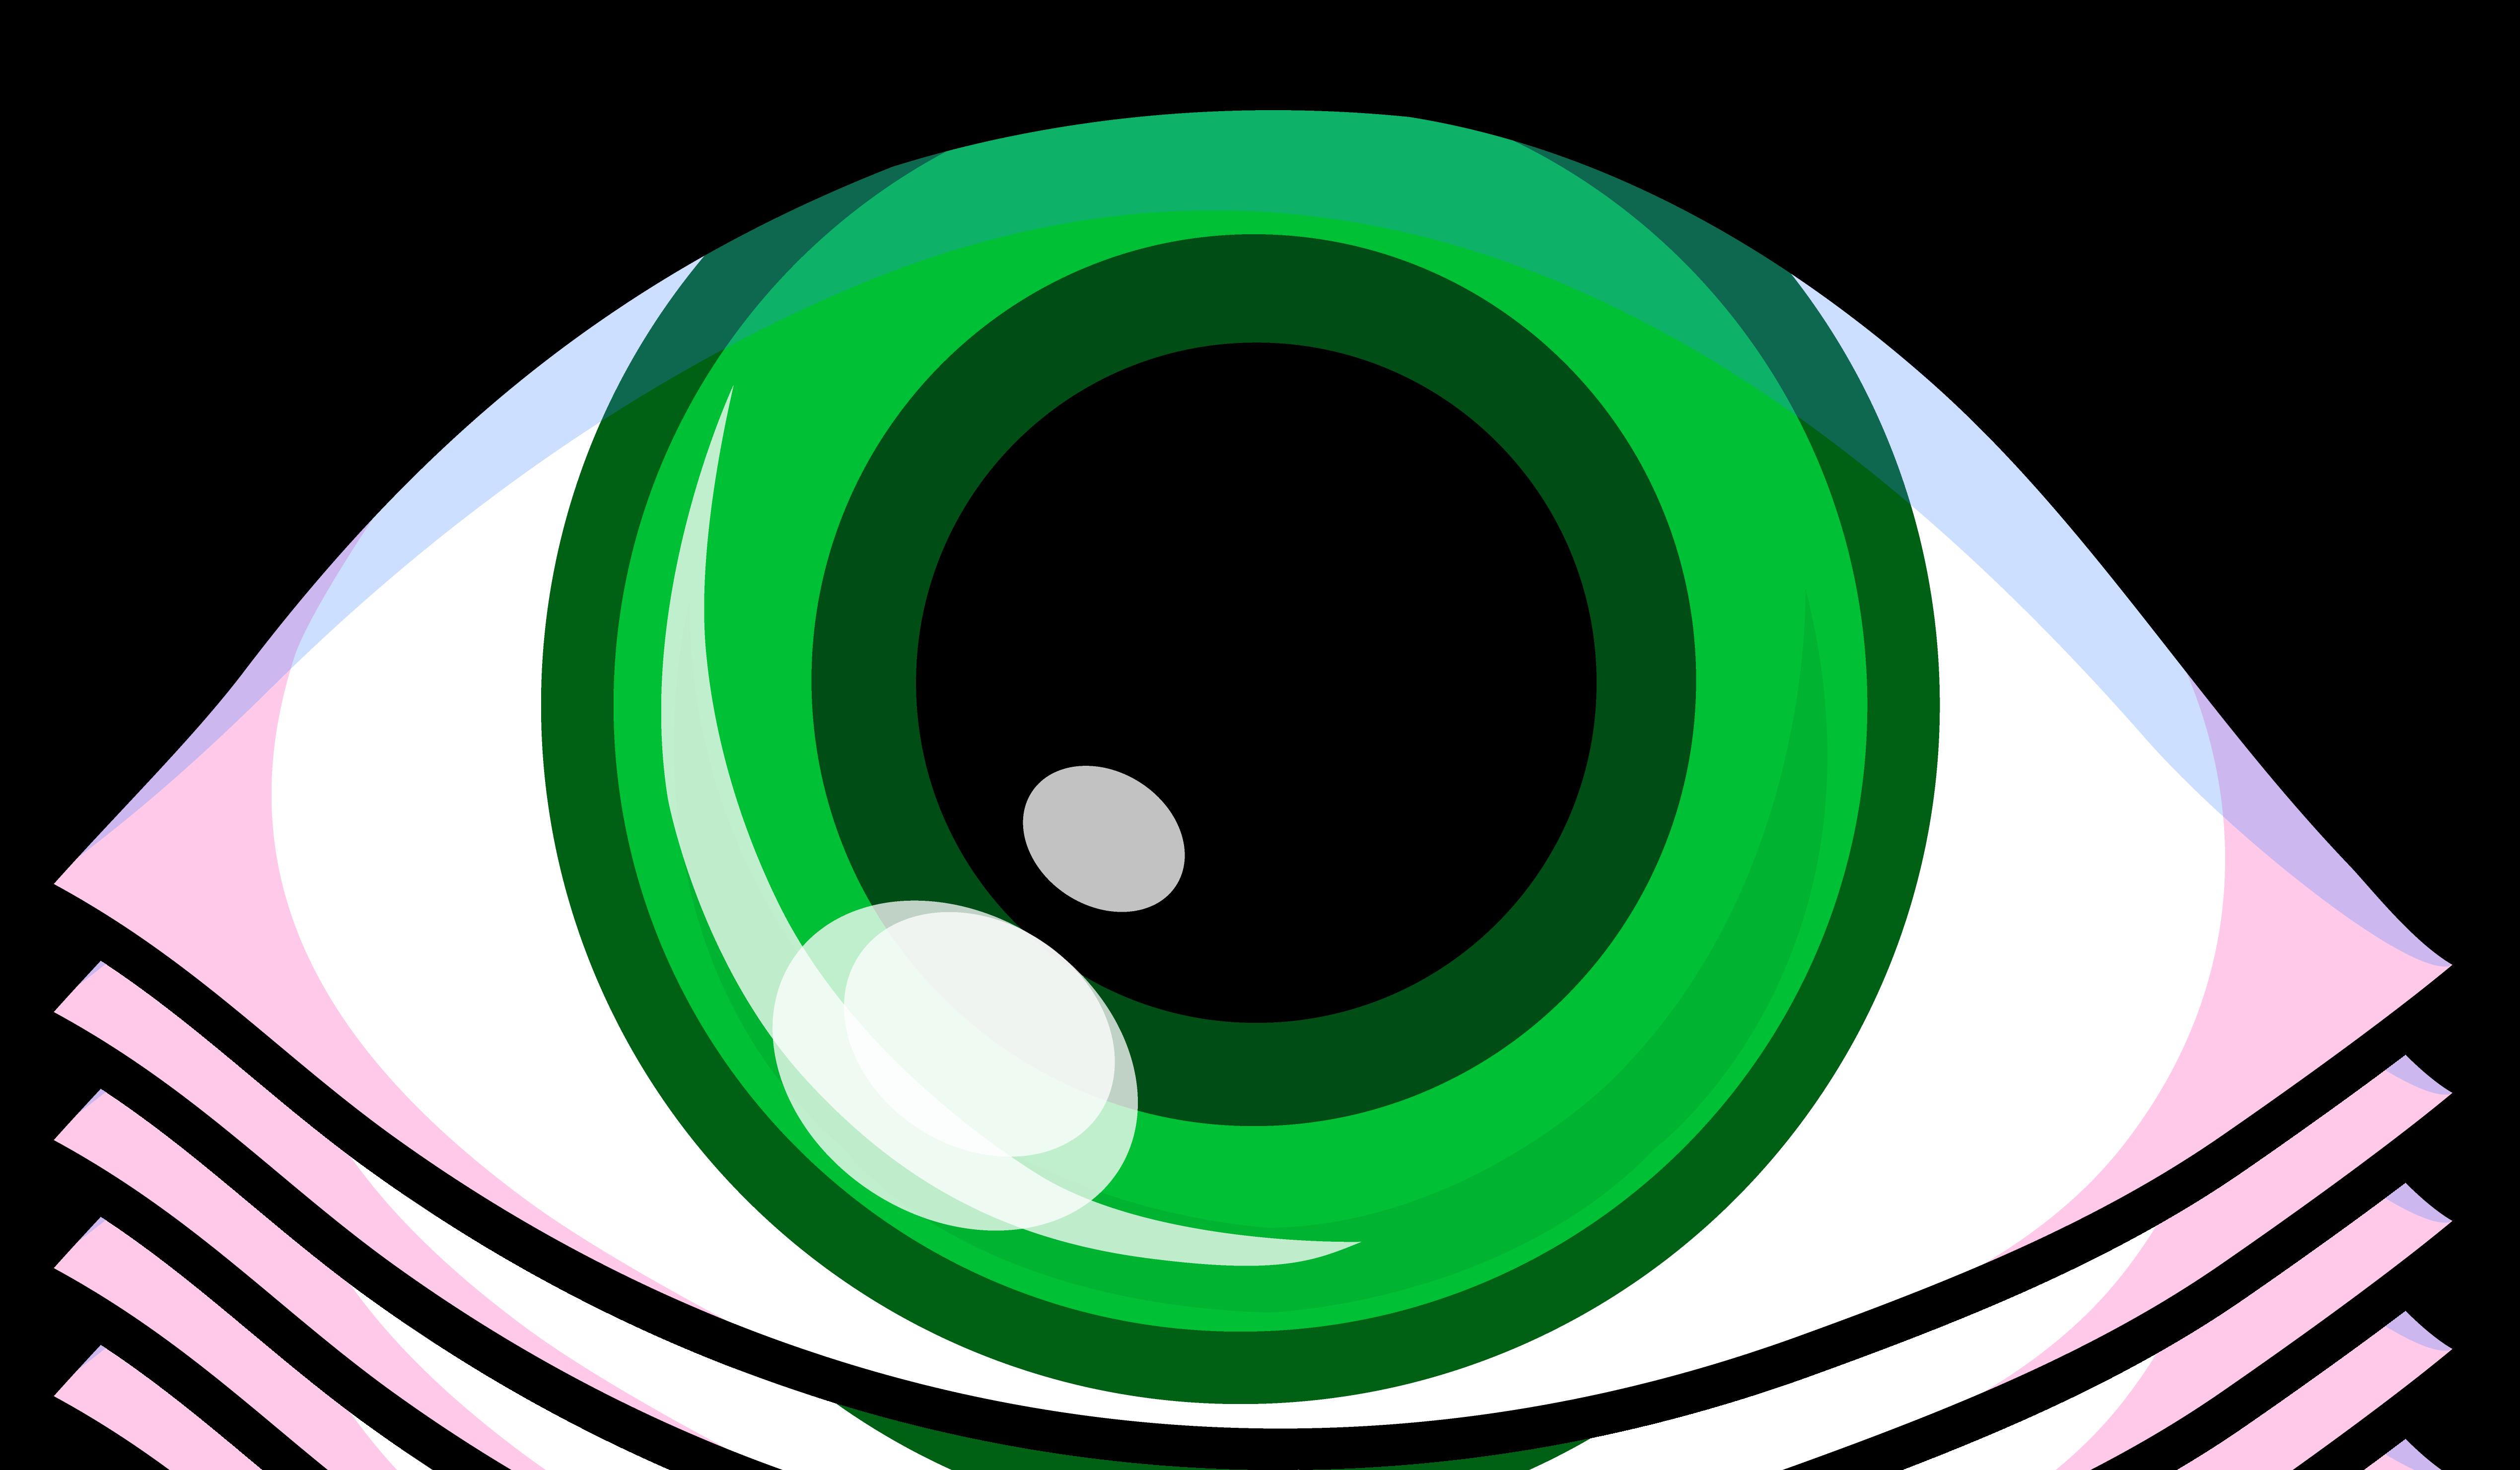 Vision clipart. Human eye clip art